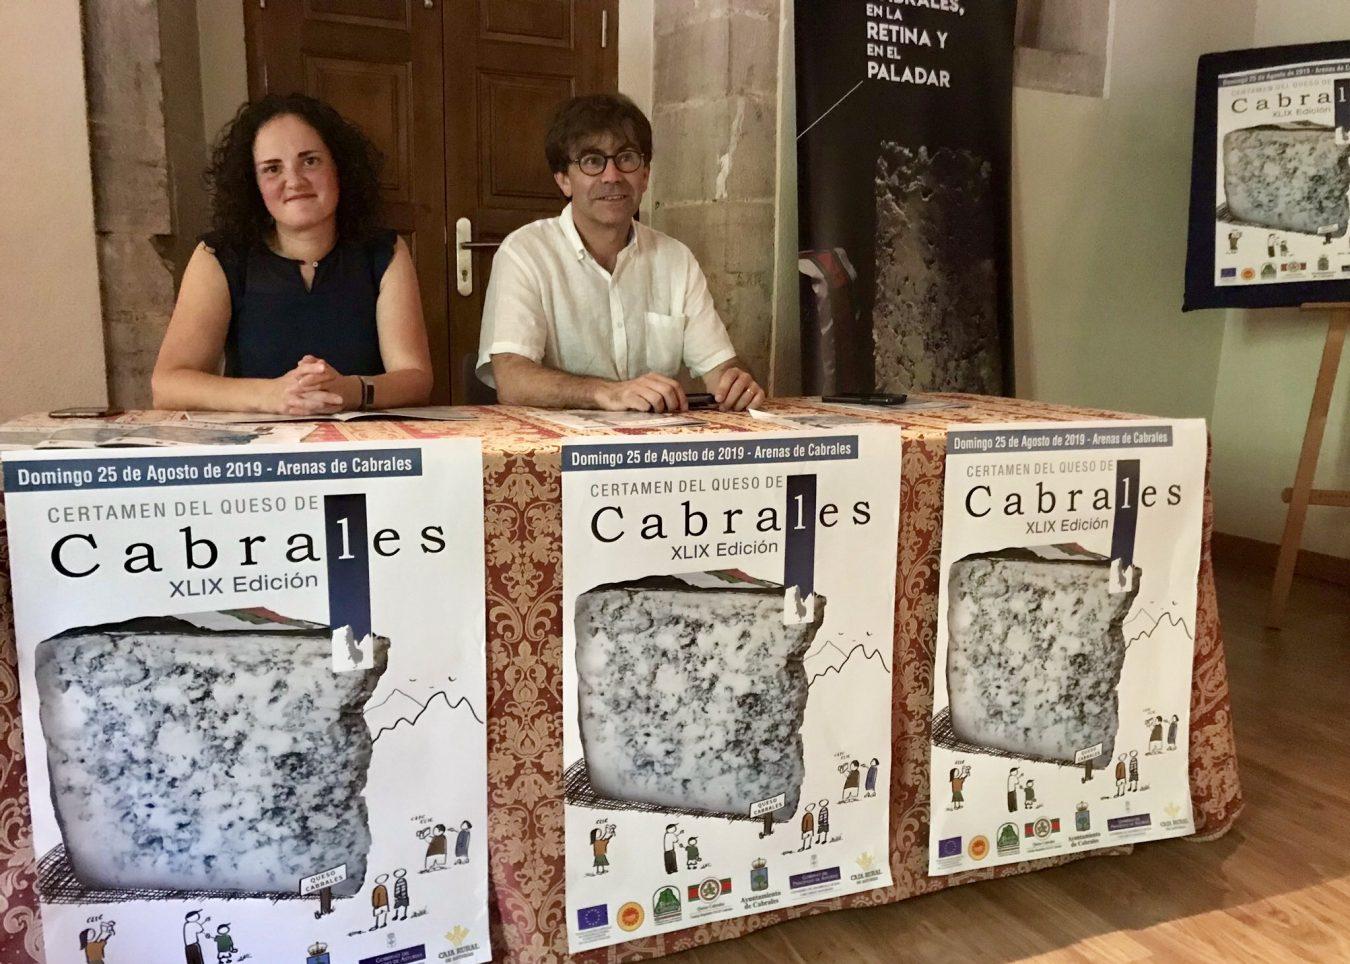 El 49º Certamen del Queso de Cabrales buscará un nuevo récord de venta, participación y subasta